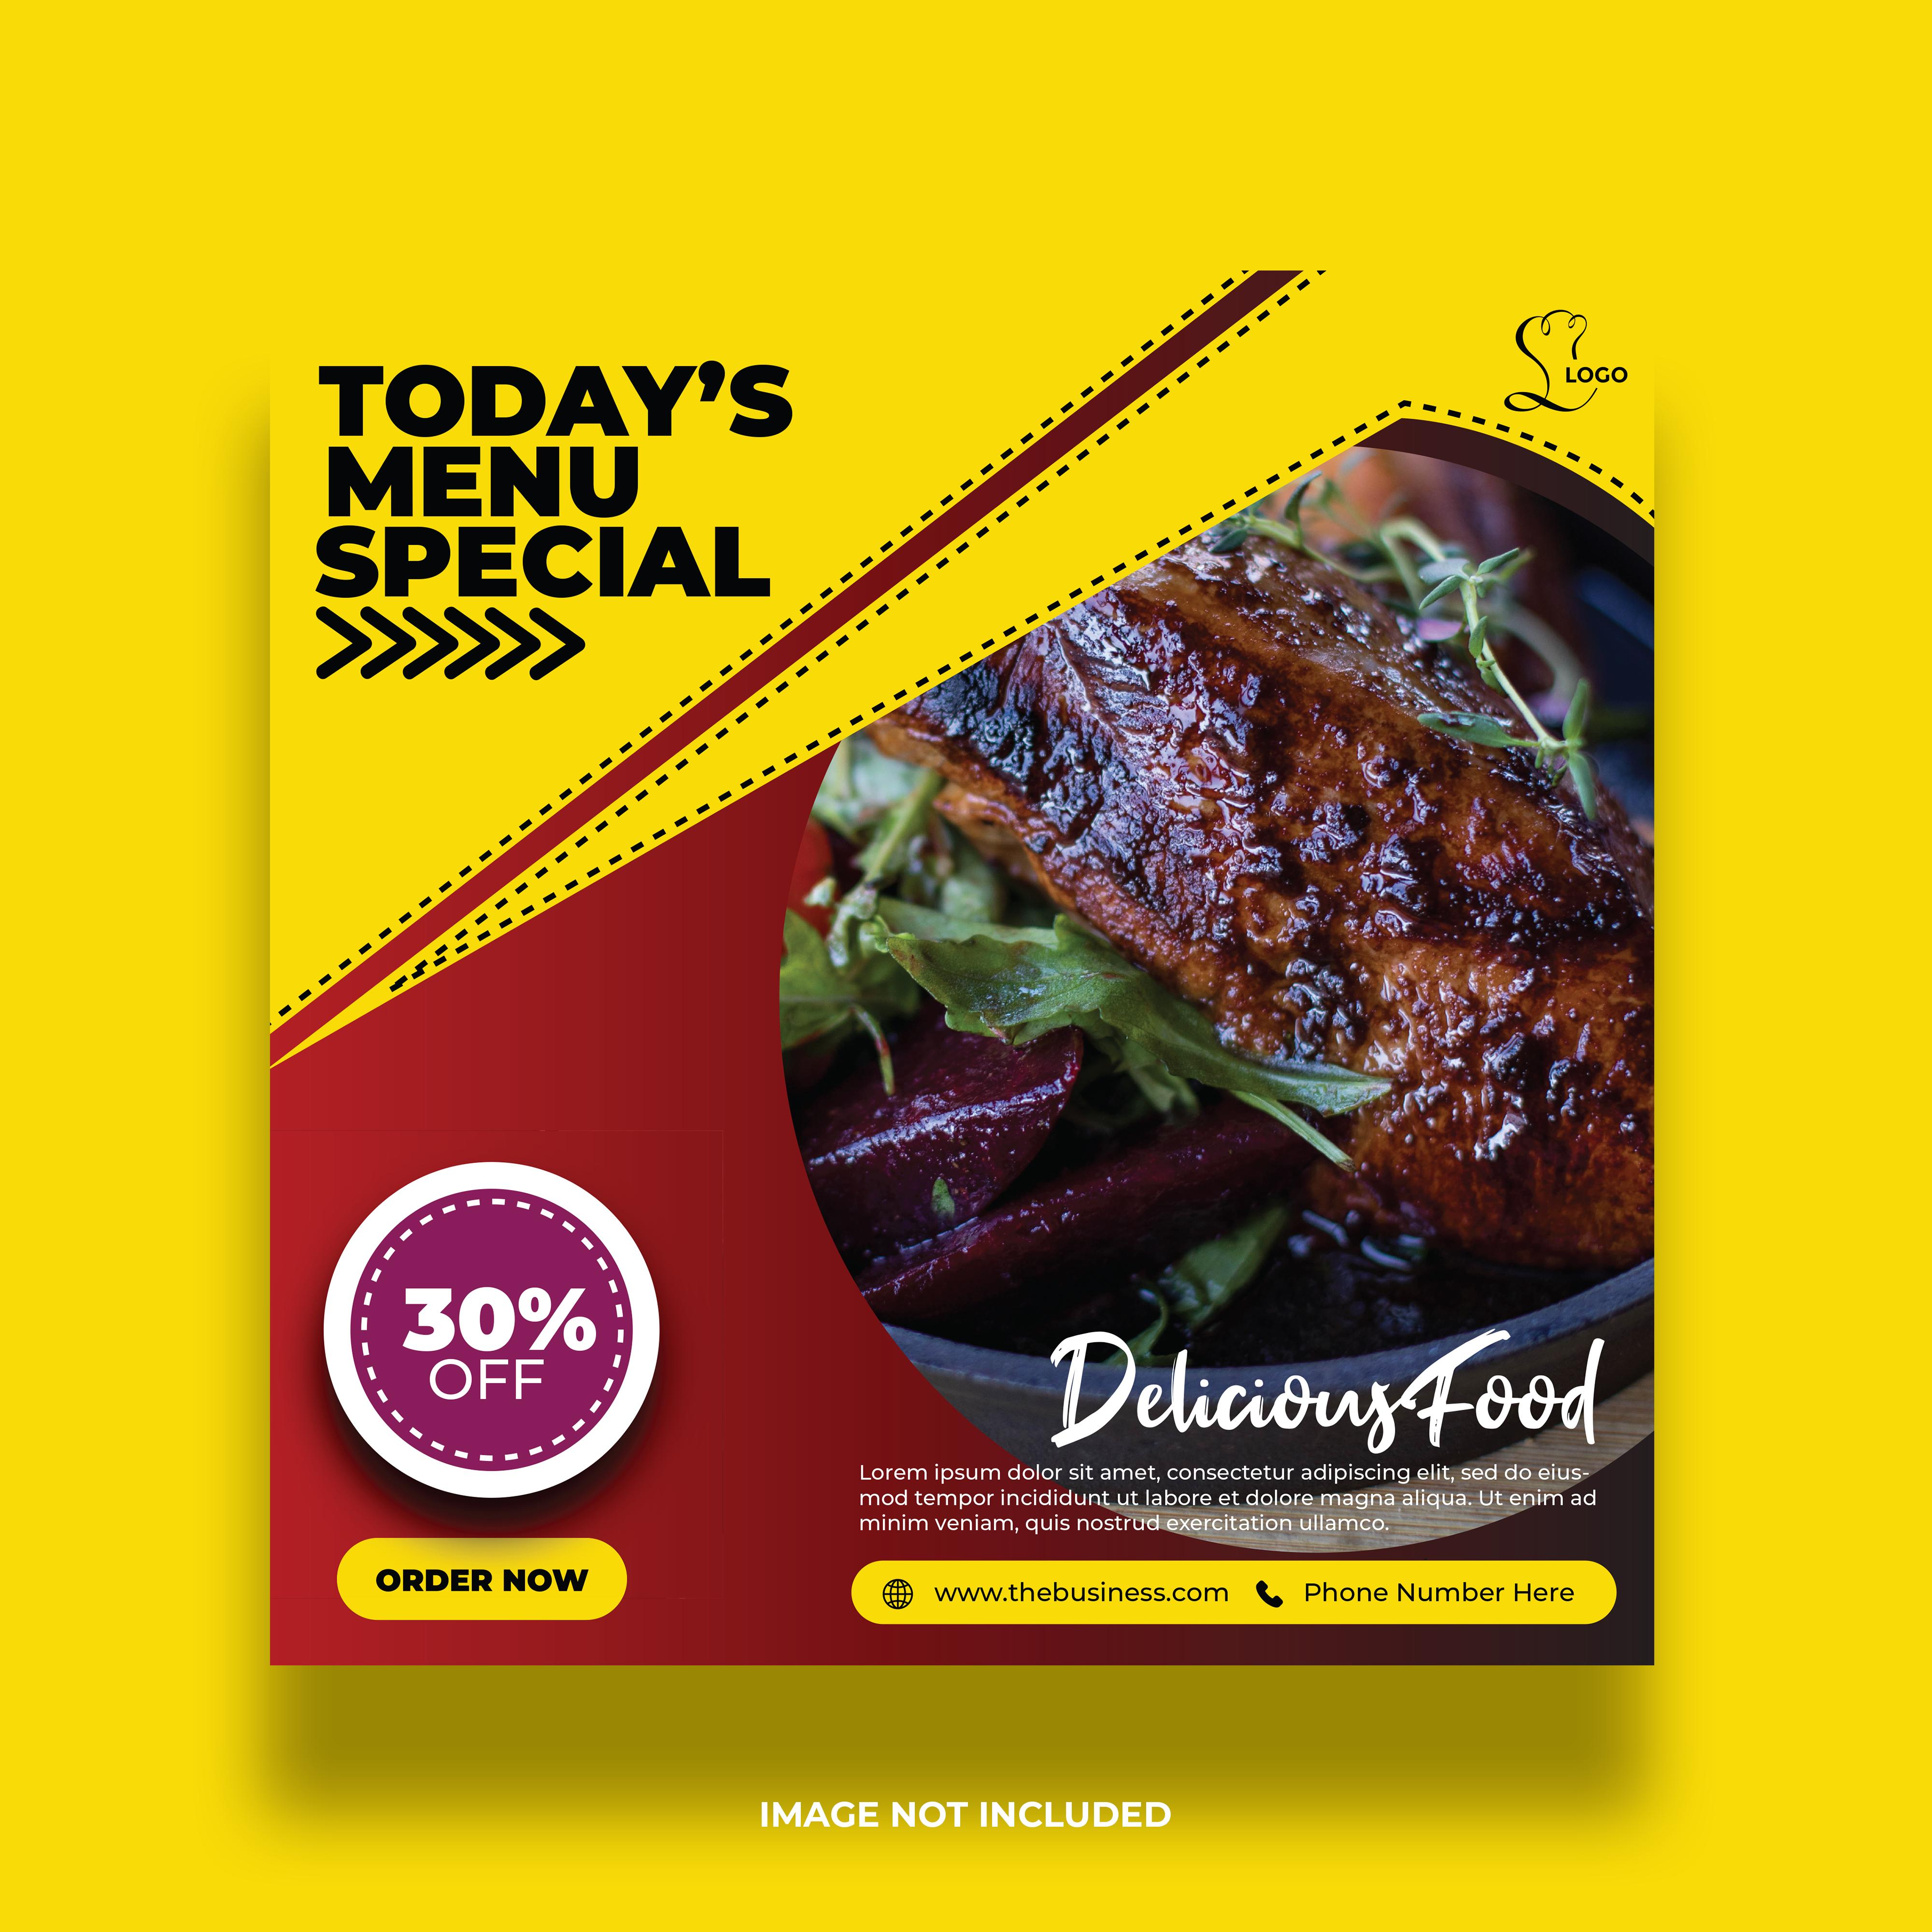 Dynamic Yellow Angled Shape Restaurant Social Media Banner